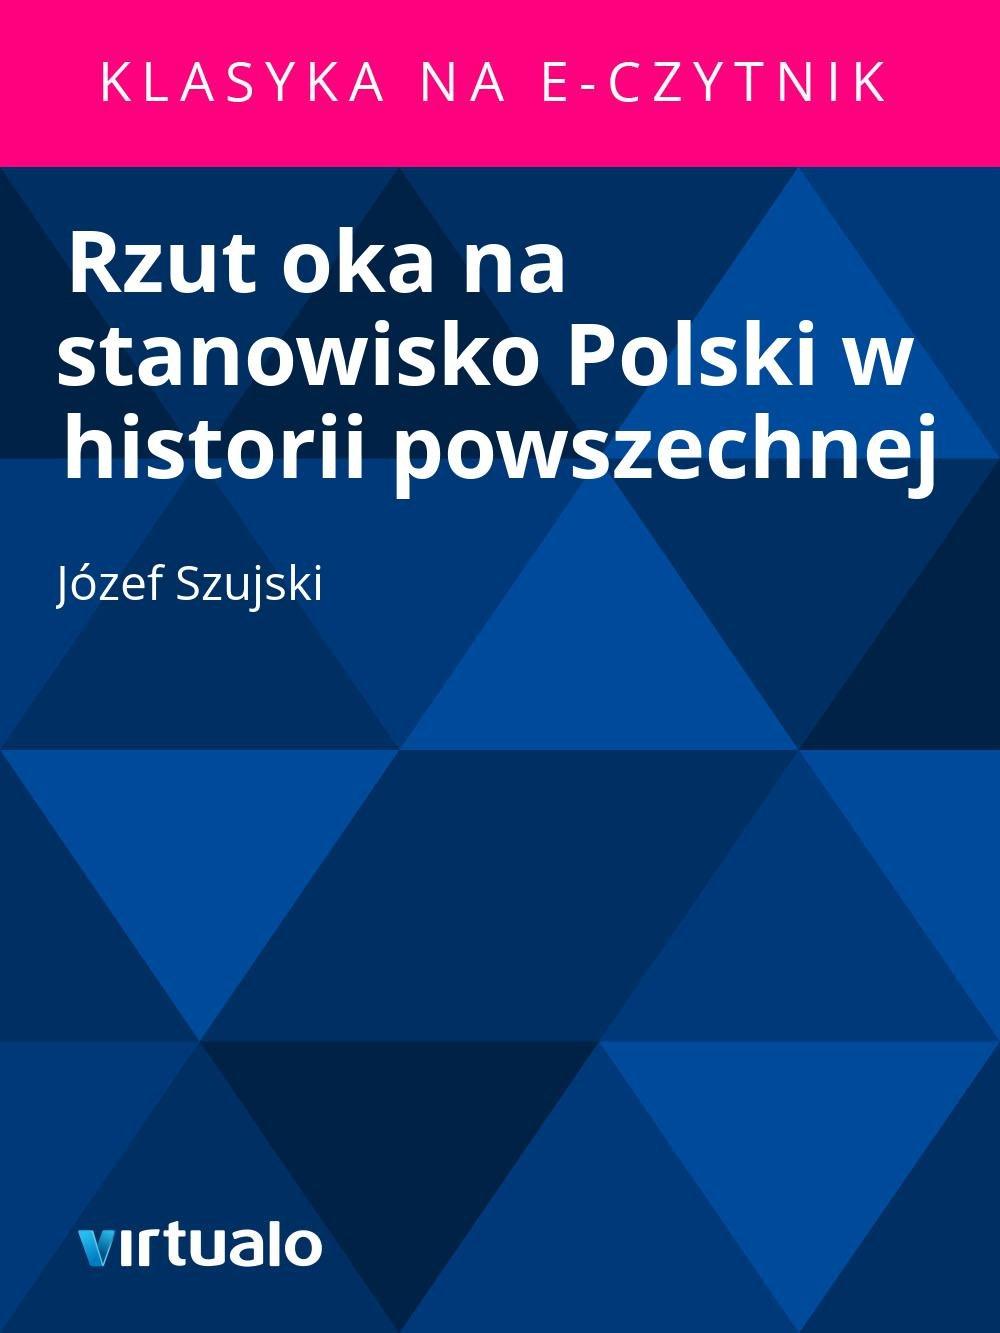 Rzut oka na stanowisko Polski w historii powszechnej - Ebook (Książka EPUB) do pobrania w formacie EPUB